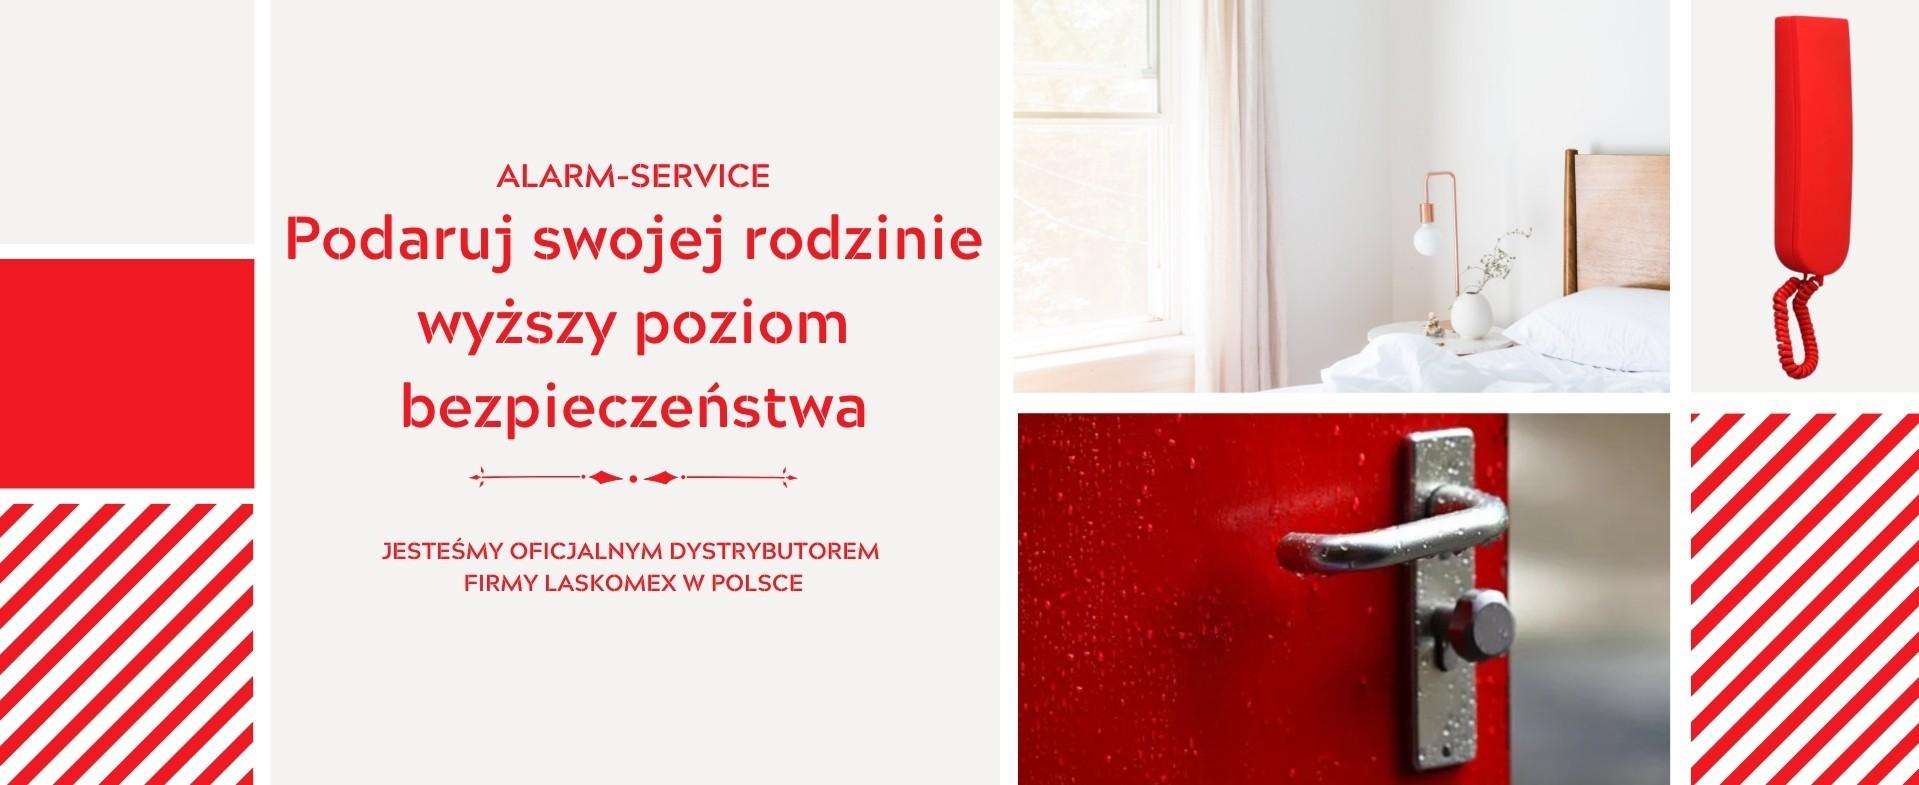 www.laskomex-sklep.pl - Portal sprzedażowy firmy Alarm-Service